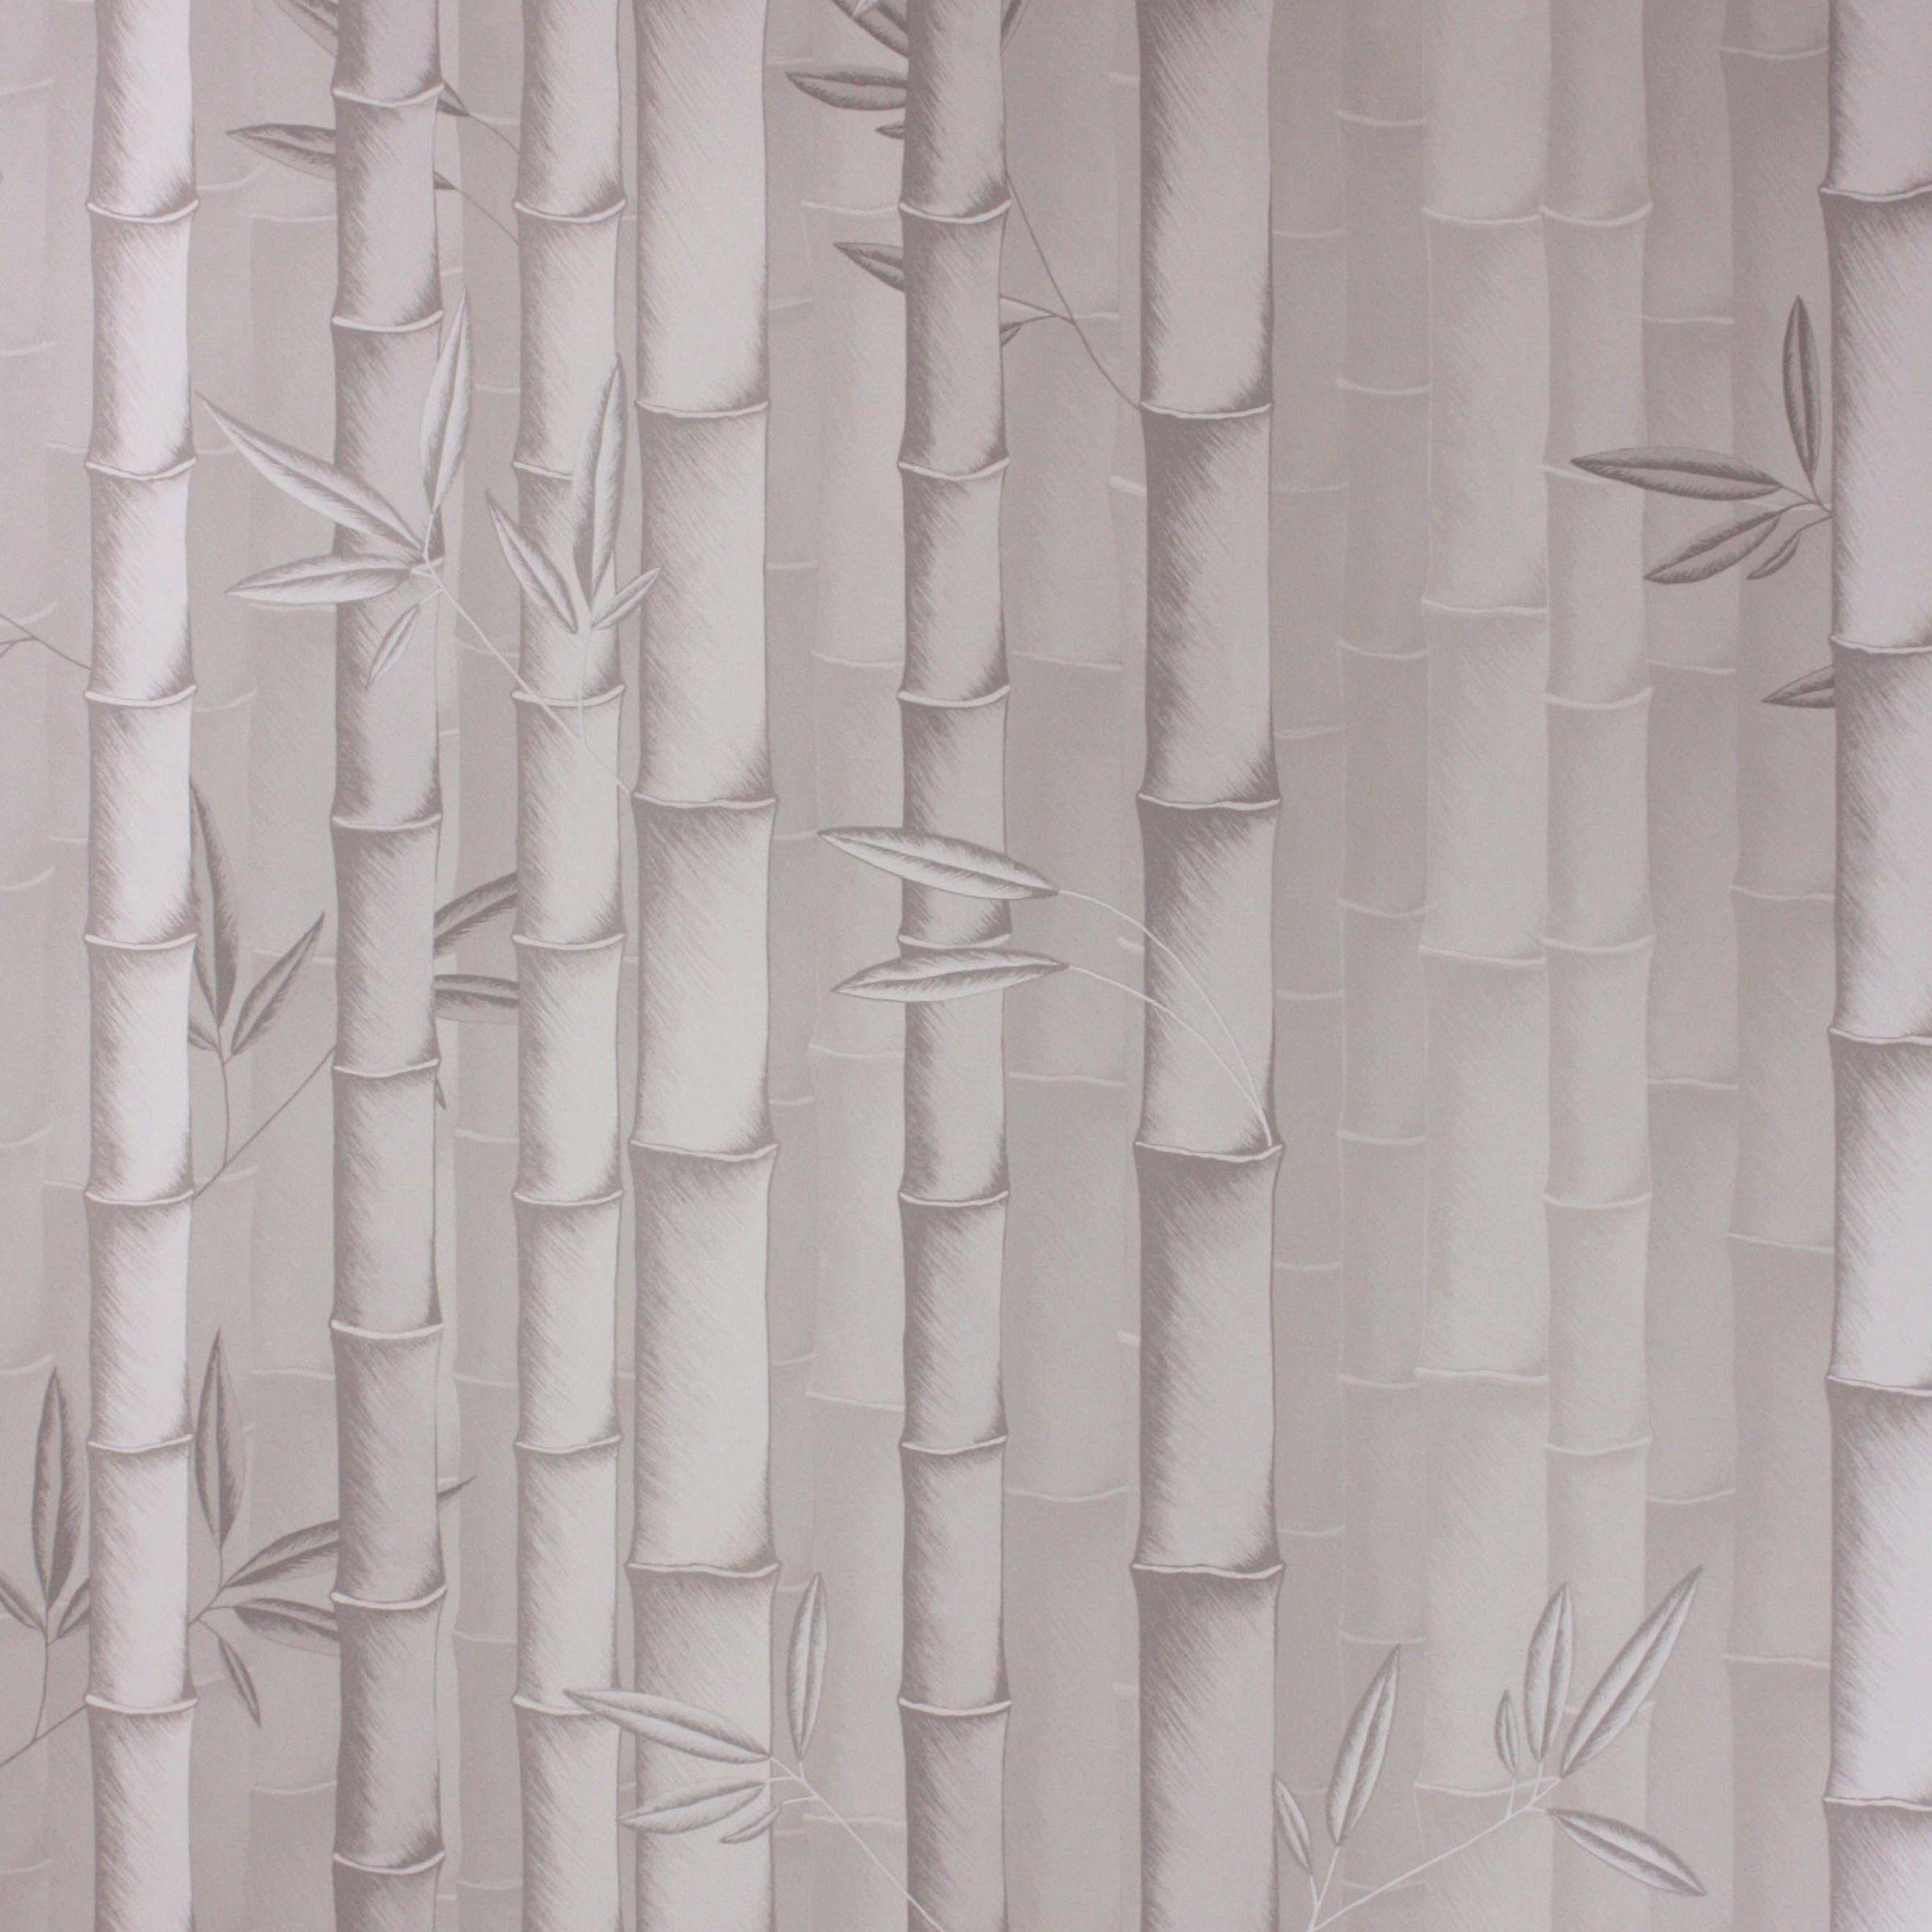 Osborne & Little Osborne & Little Bamboo Wallpaper